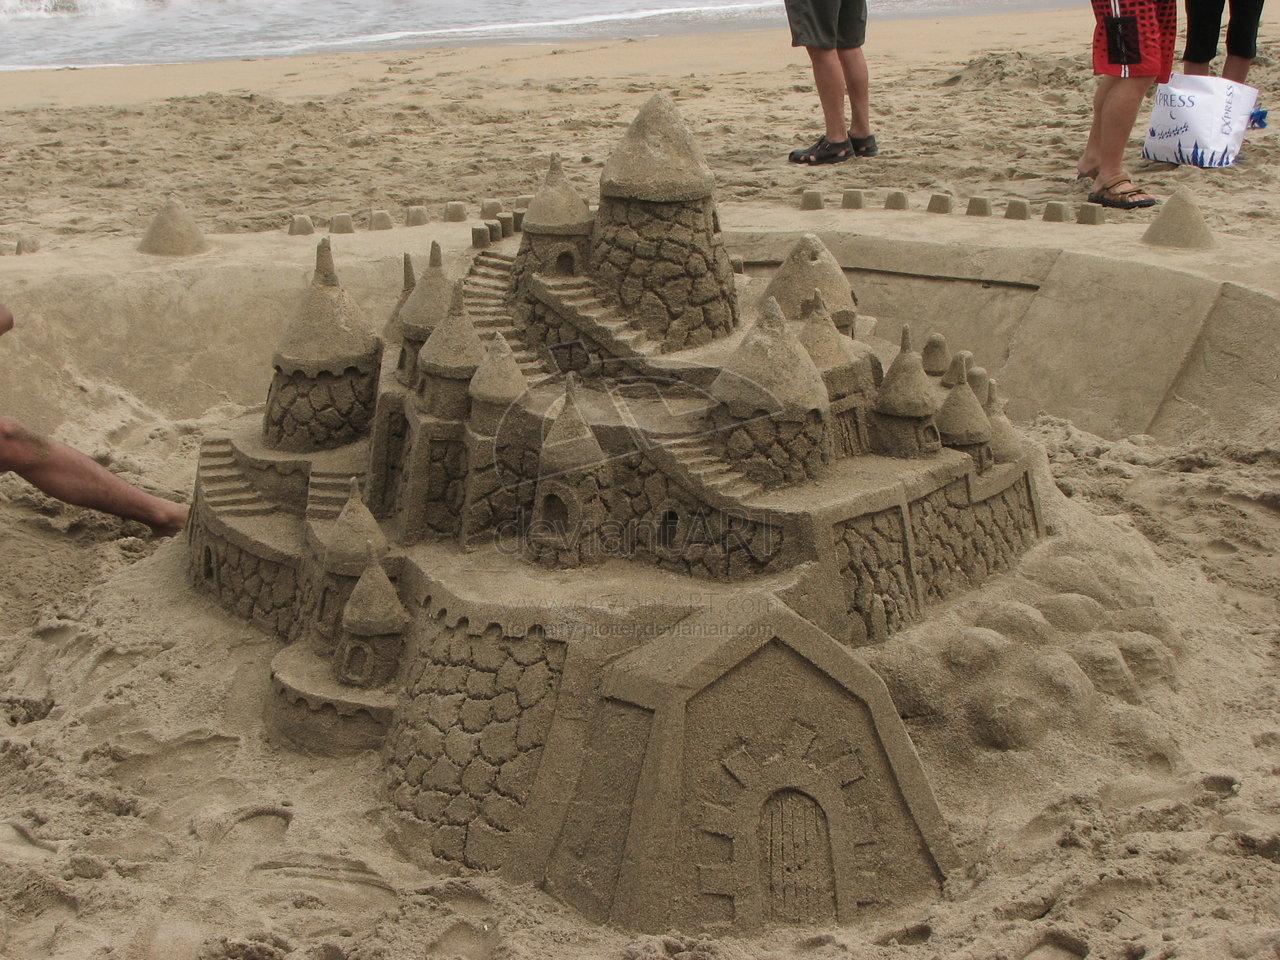 Fotos de castillos de arena 2